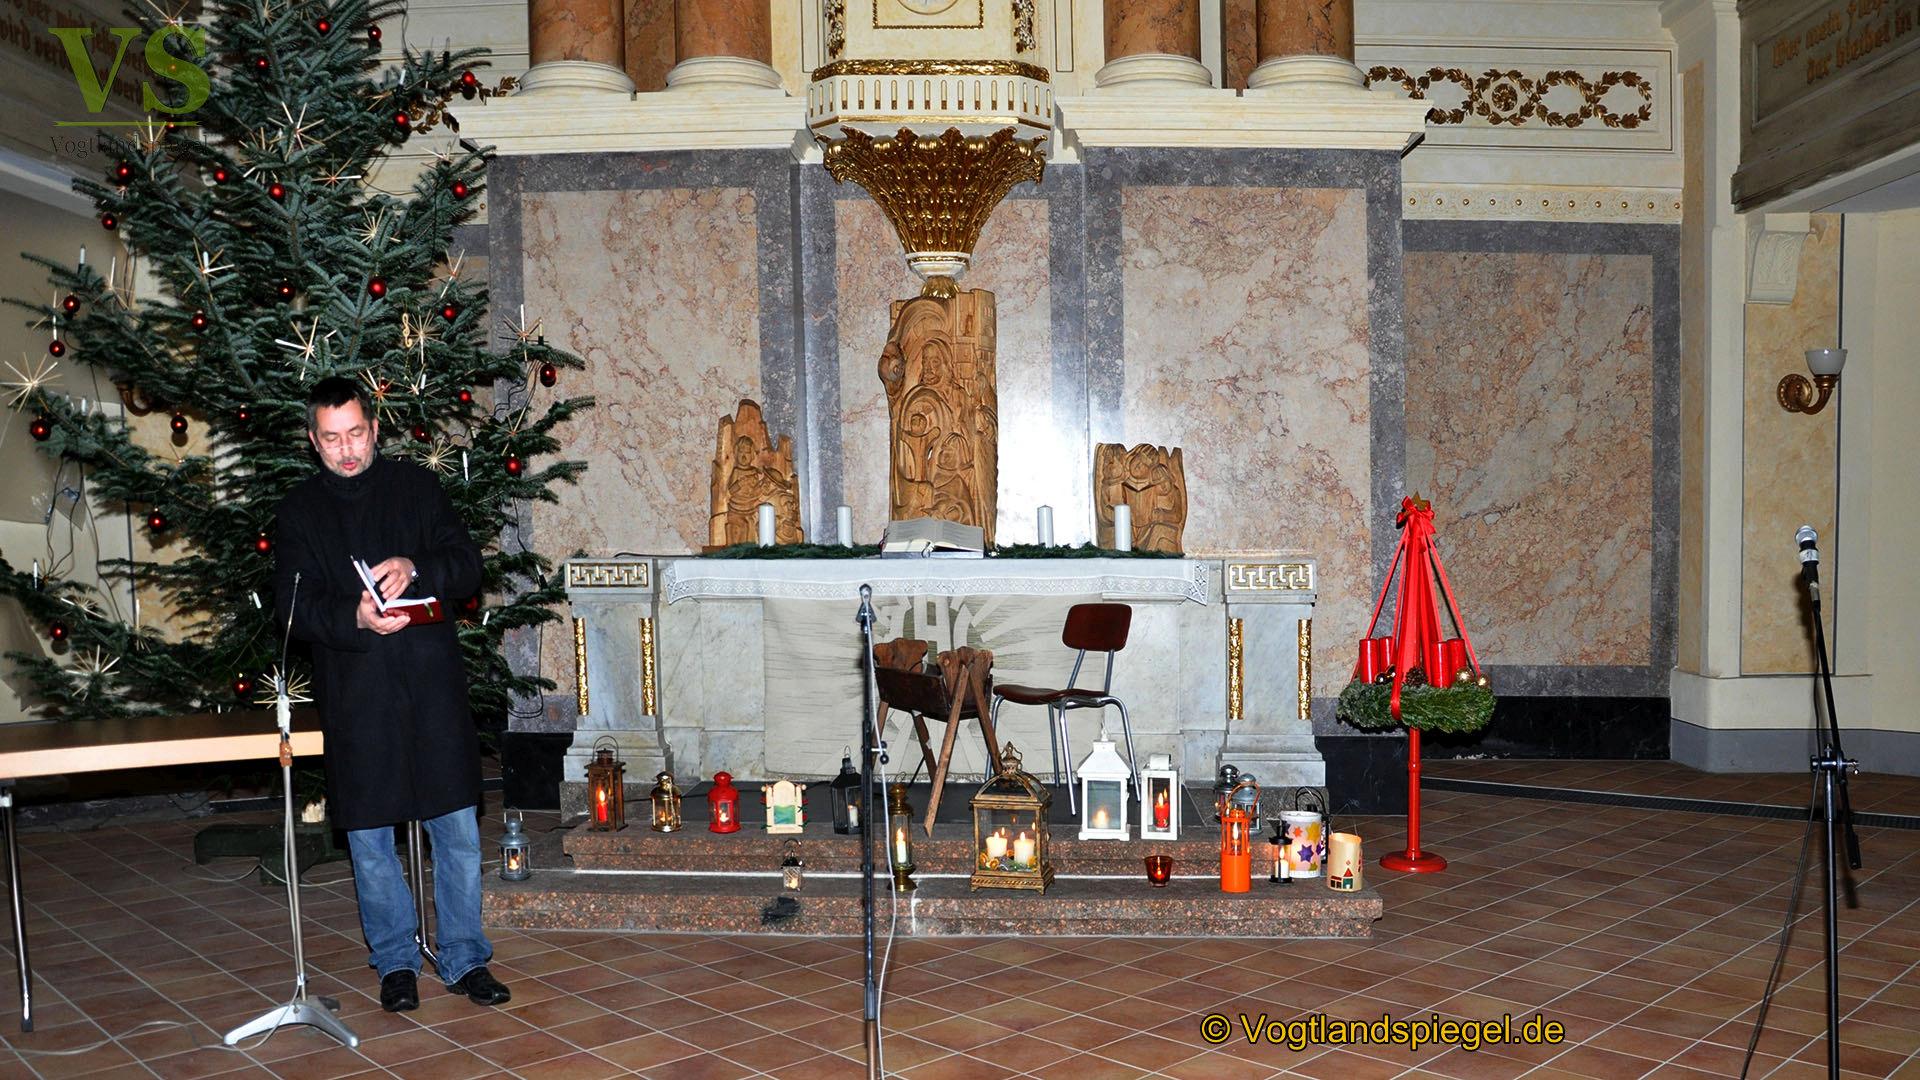 Das Friedenslicht aus Bethlehem kam am Tag vor Heiligabend auch in Greiz an